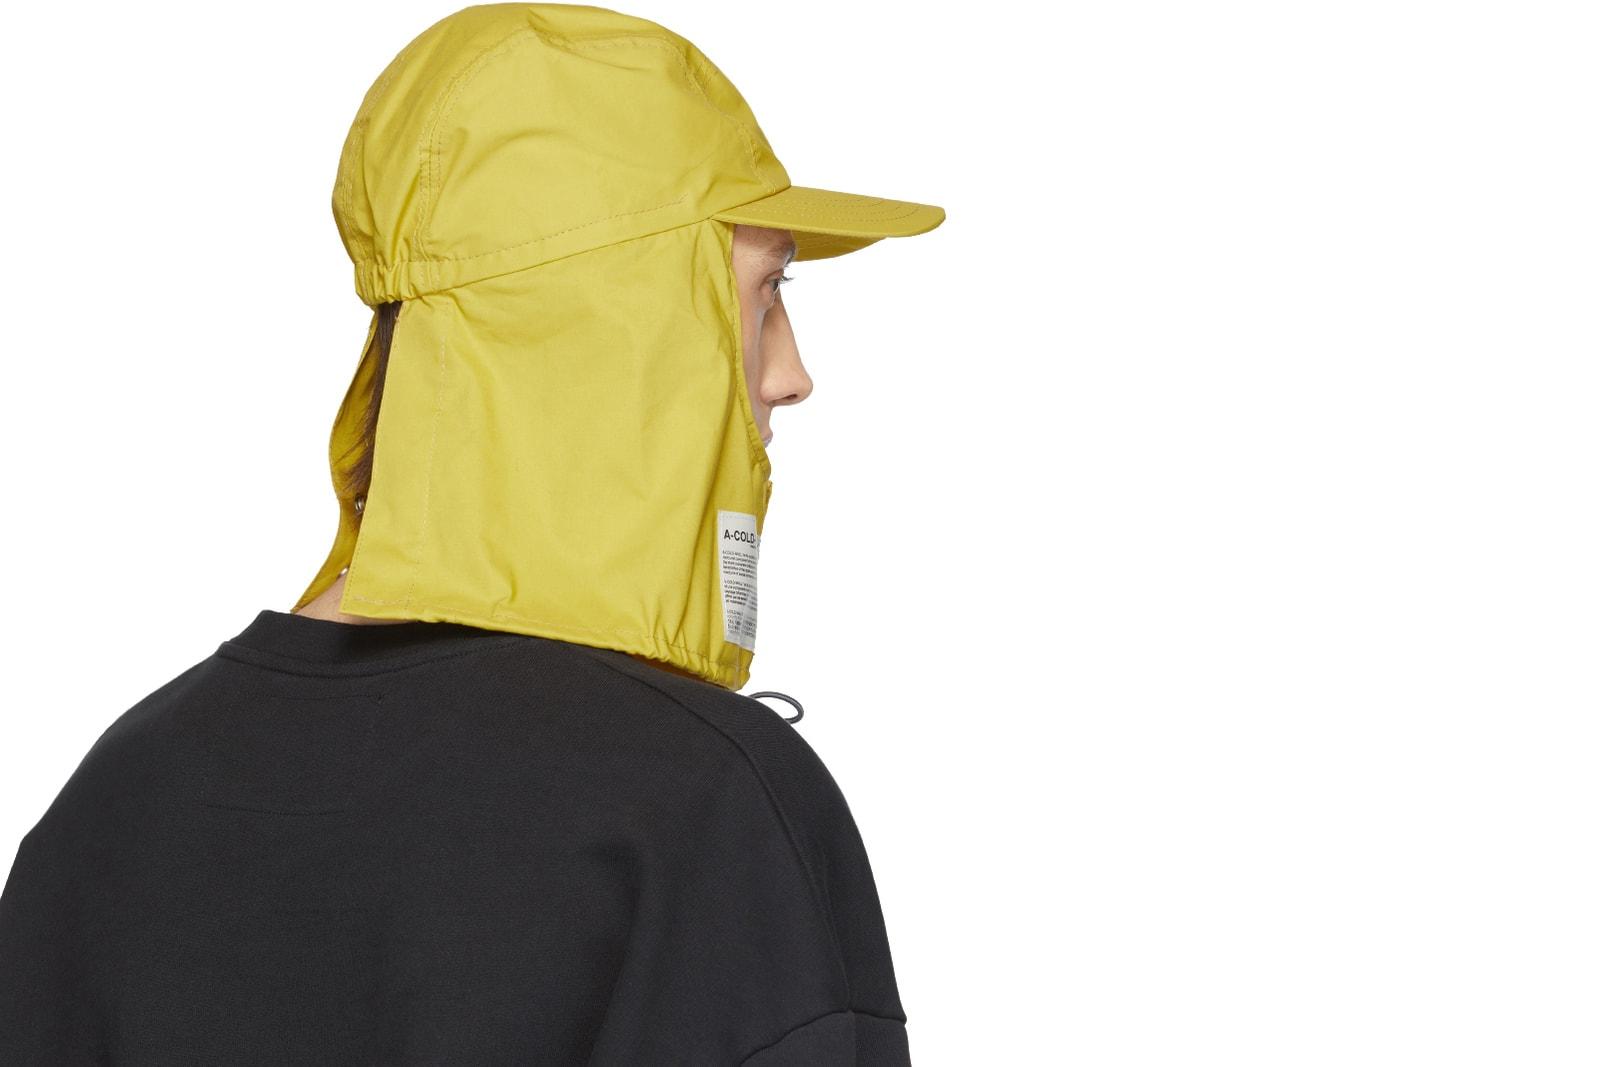 本日嚴選 9 款黃色衣物入手推介